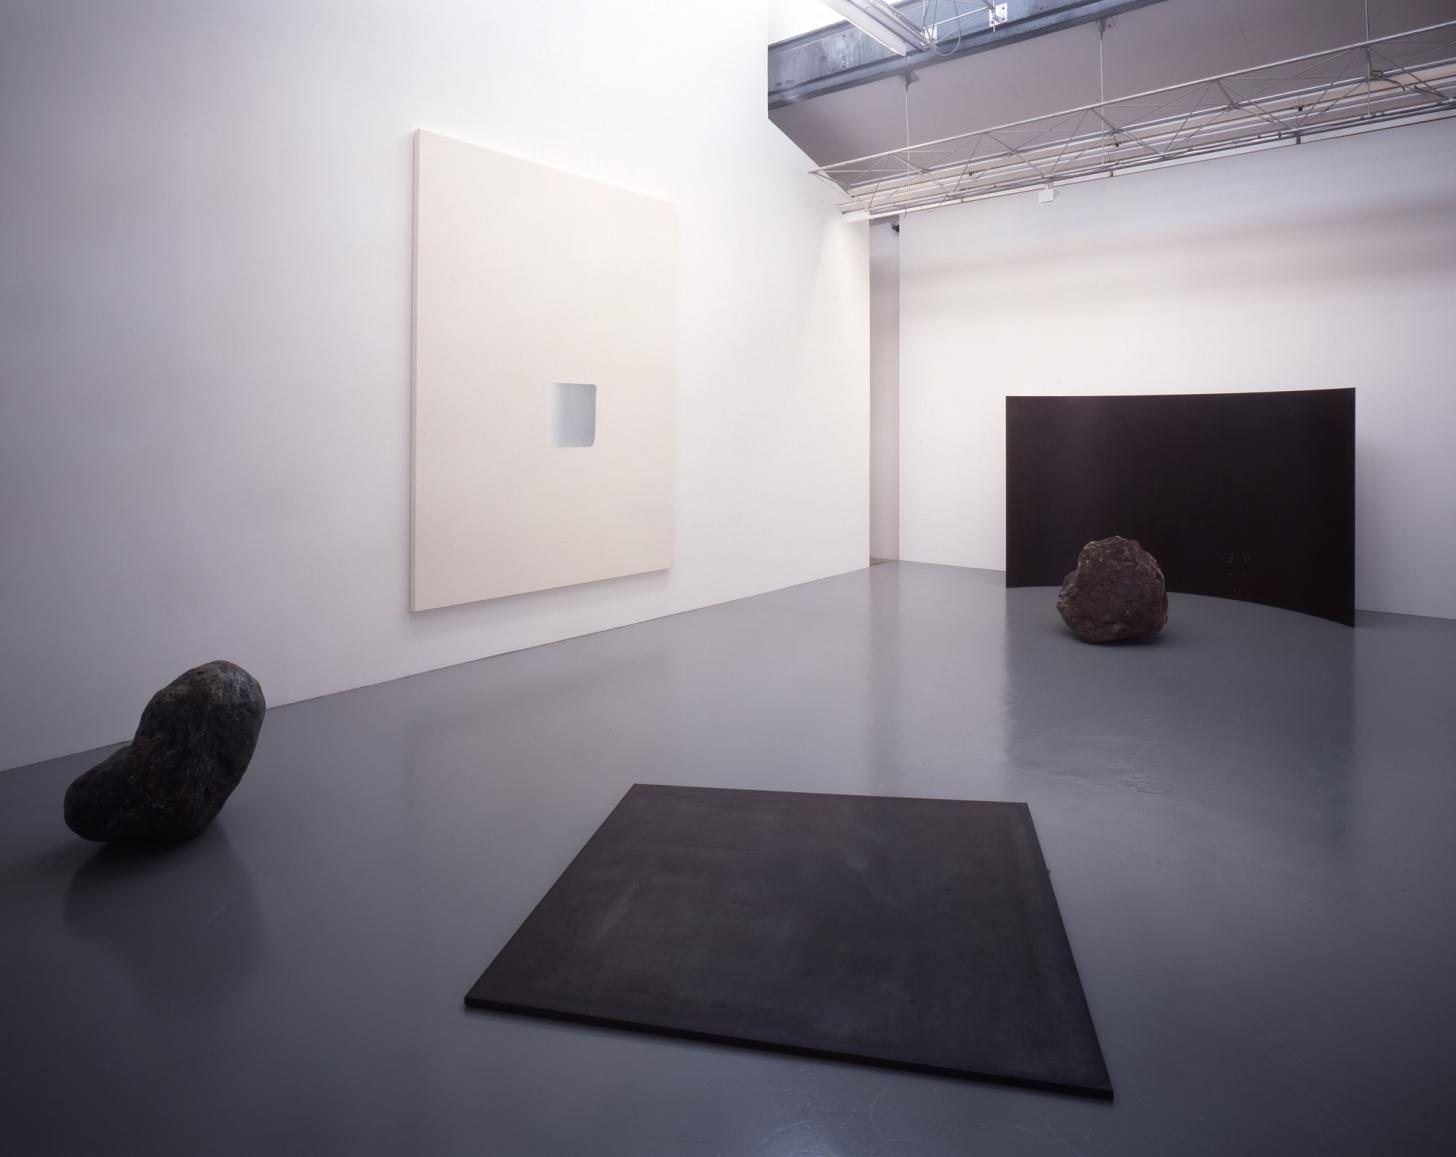 展覧会風景、2007、SCAI THE BATHHOUSE